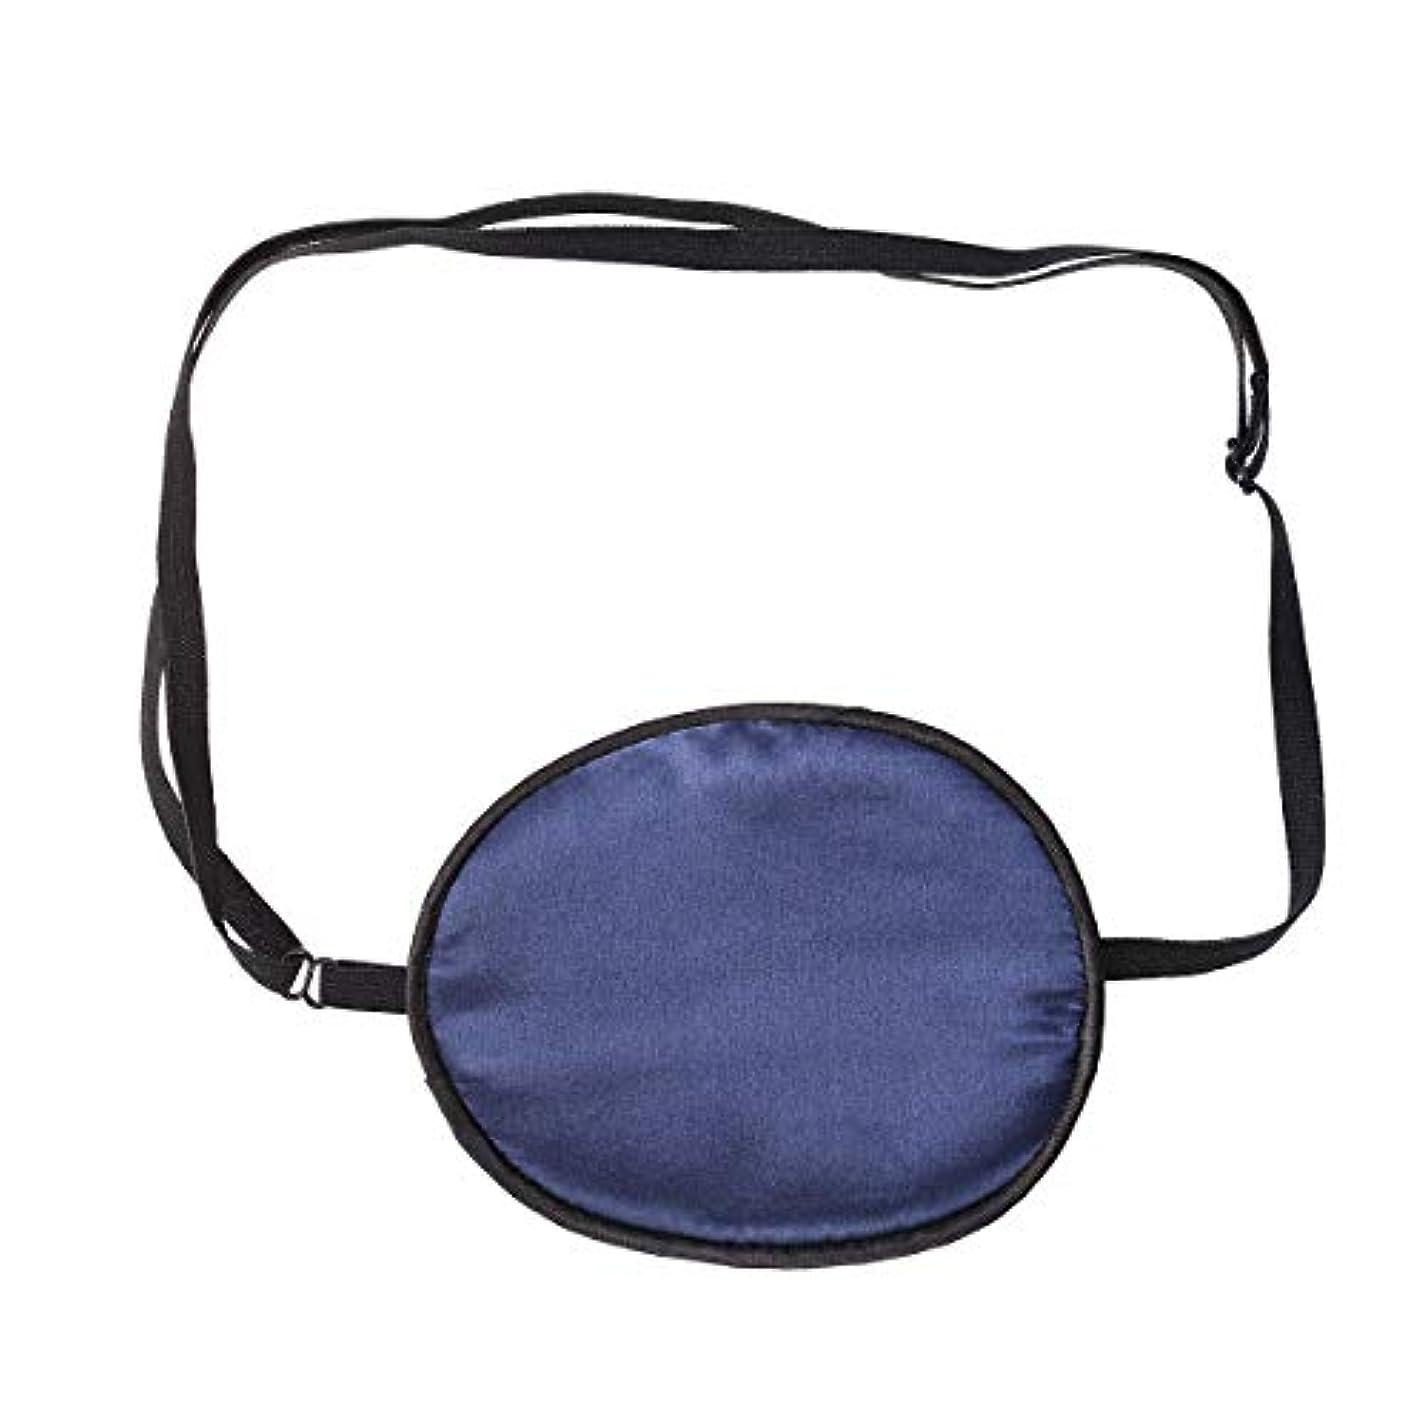 関与する発音料理をするSUPVOX シルクアイパッチソフトで心地良い弾力のあるアイパッチ大人のための漏れのない滑らかな目の失明斜視(ネイビー)